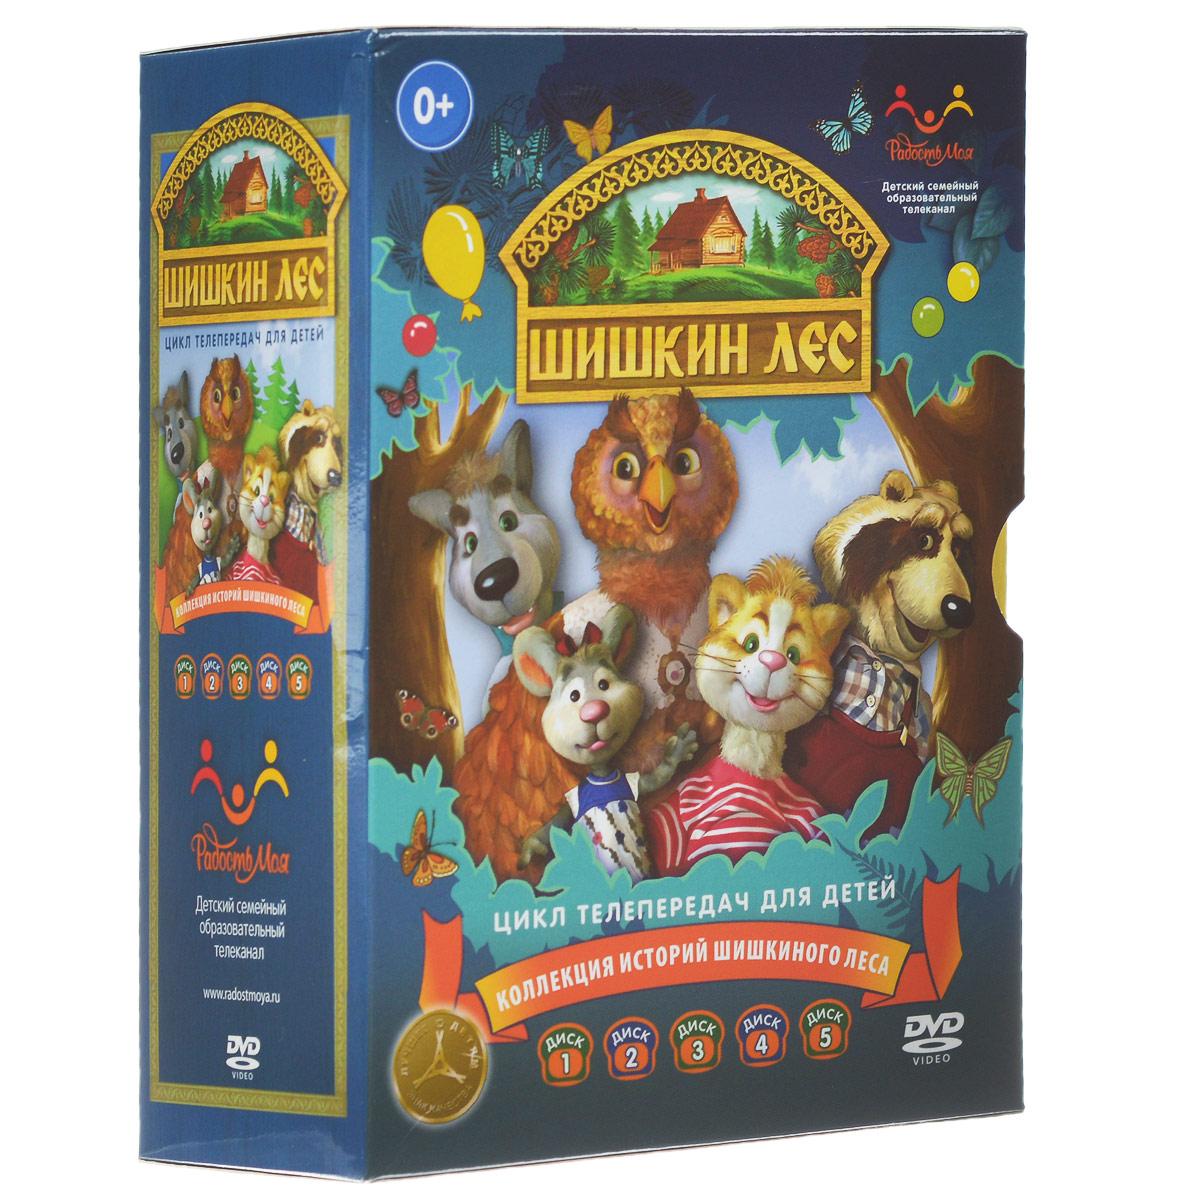 Шишкин лес. Диски 1-5 (5 DVD)